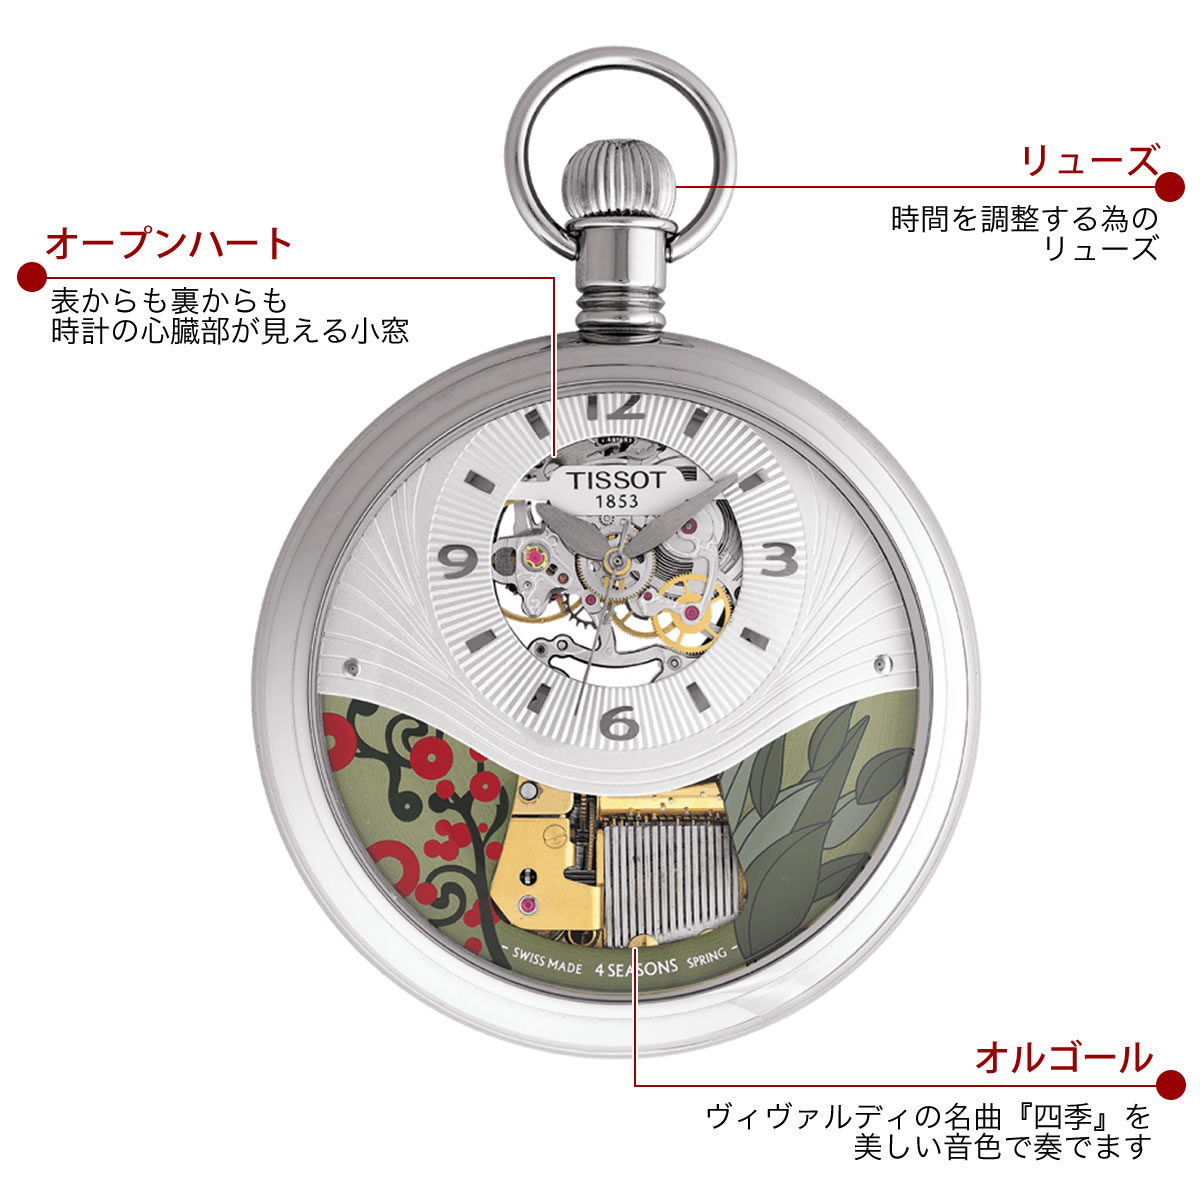 TISSOT MUSICAL SEASONS グリーン・春 T852.436.99.037.02 機能詳細